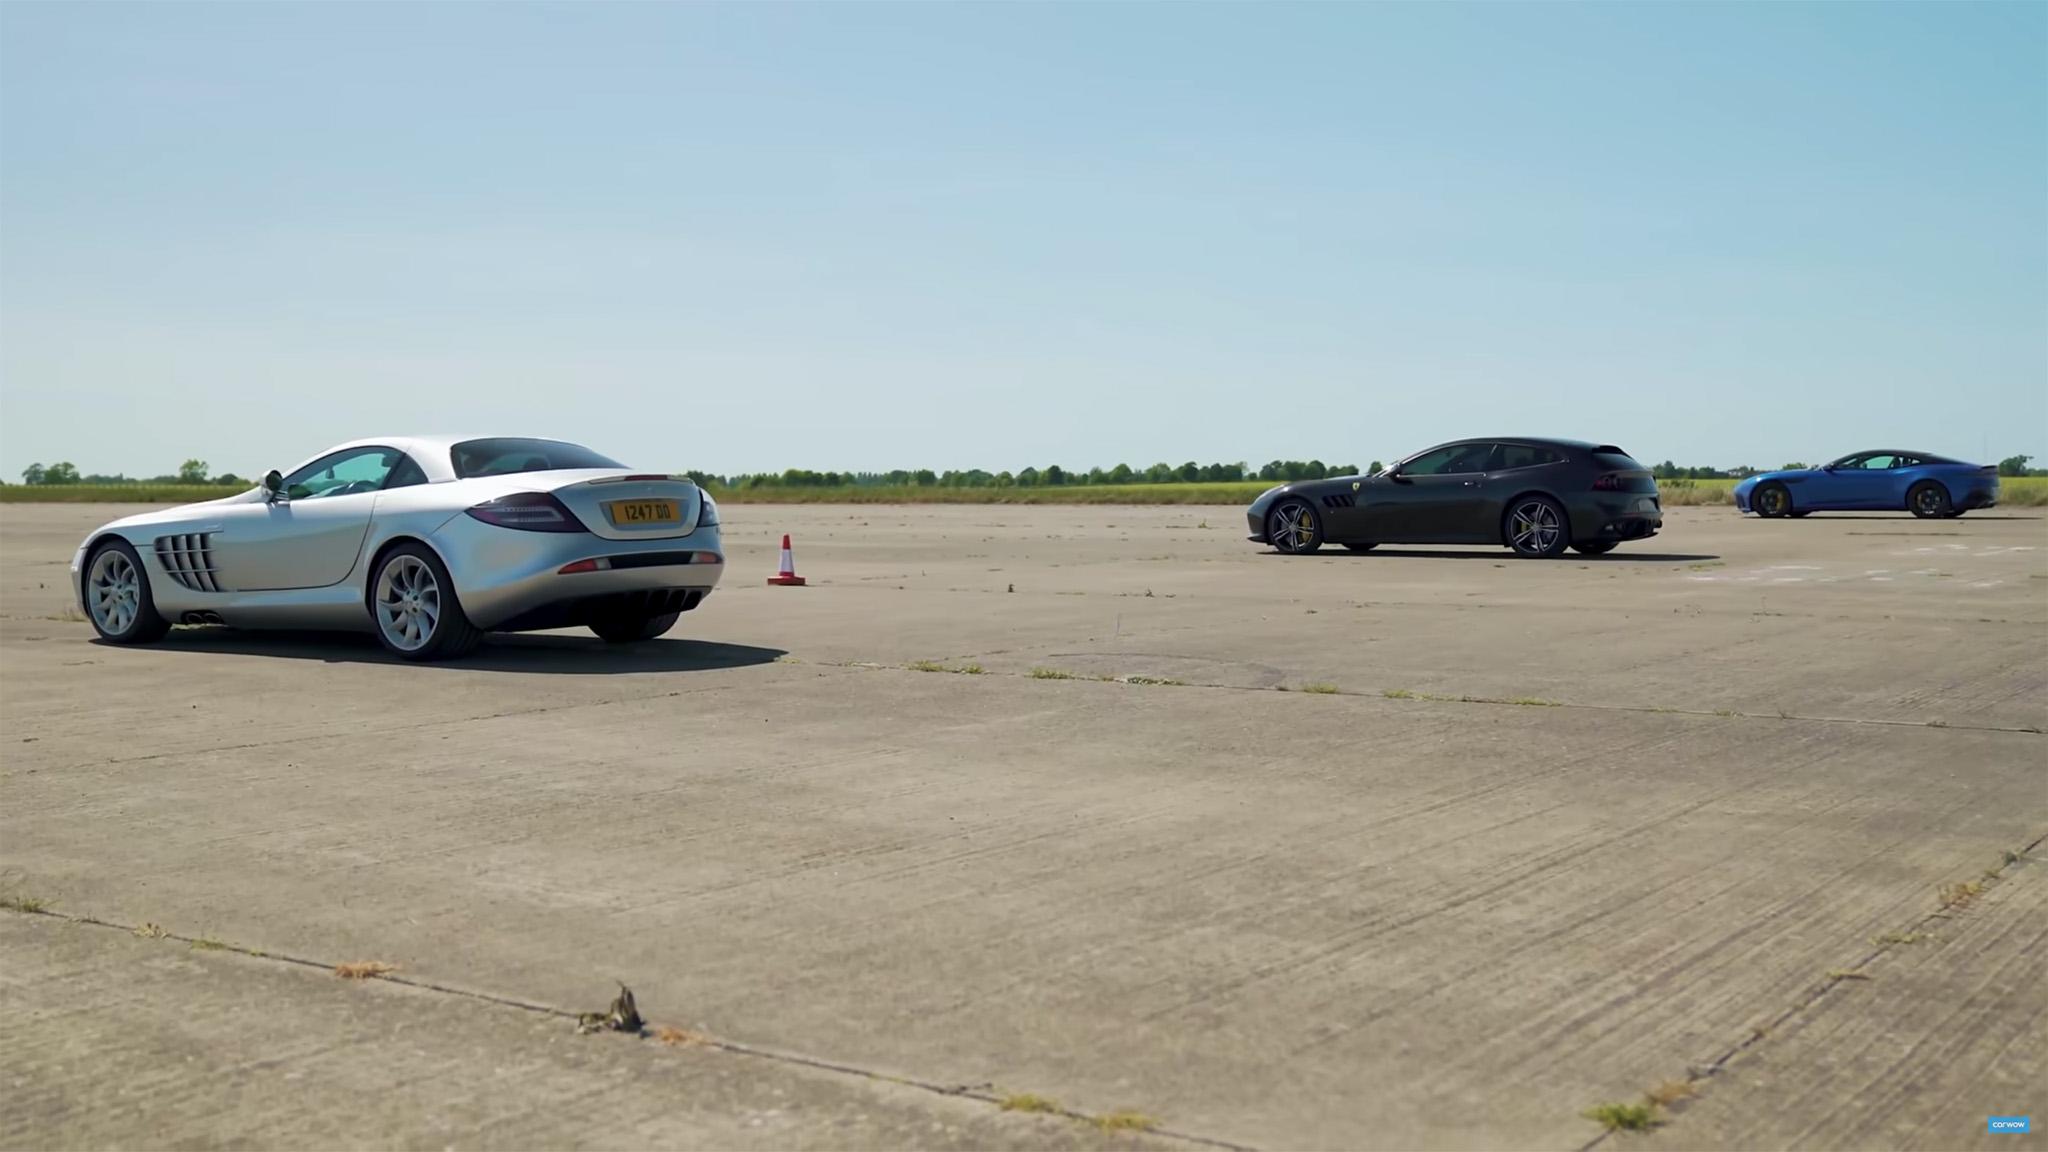 Mercedes-Benz SLR McLaren, Ferrari GTC4Lusso, Aston Martin DBS Superleggera